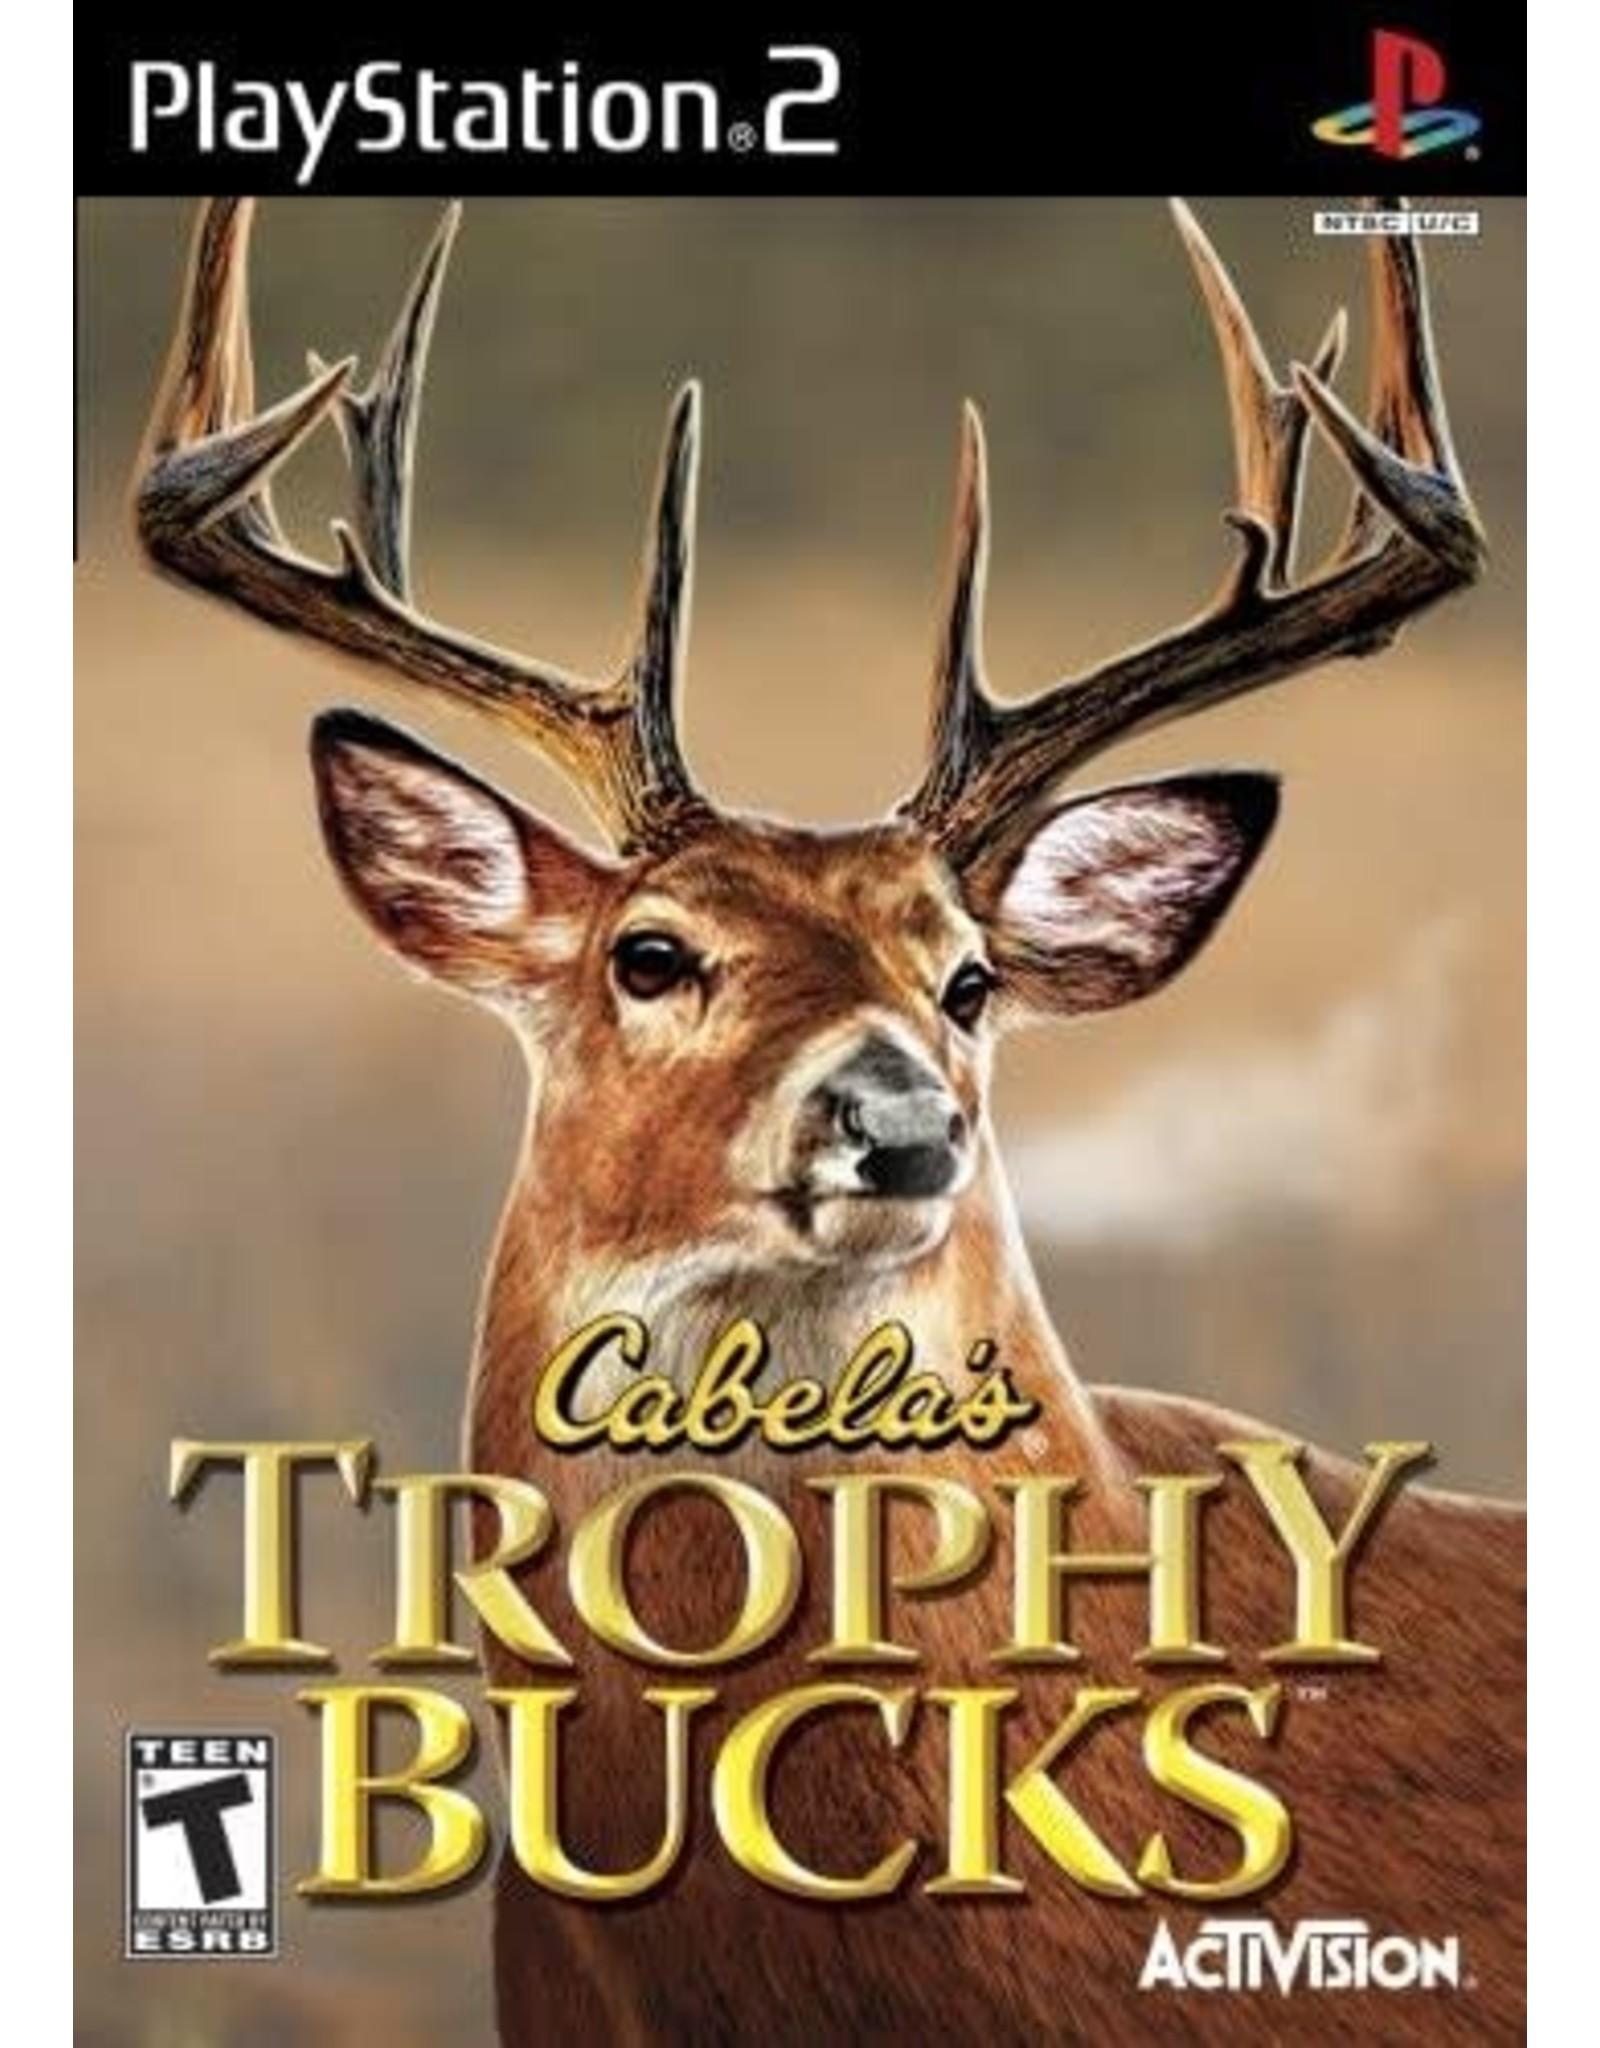 Playstation 2 Cabela's Trophy Bucks (CiB)